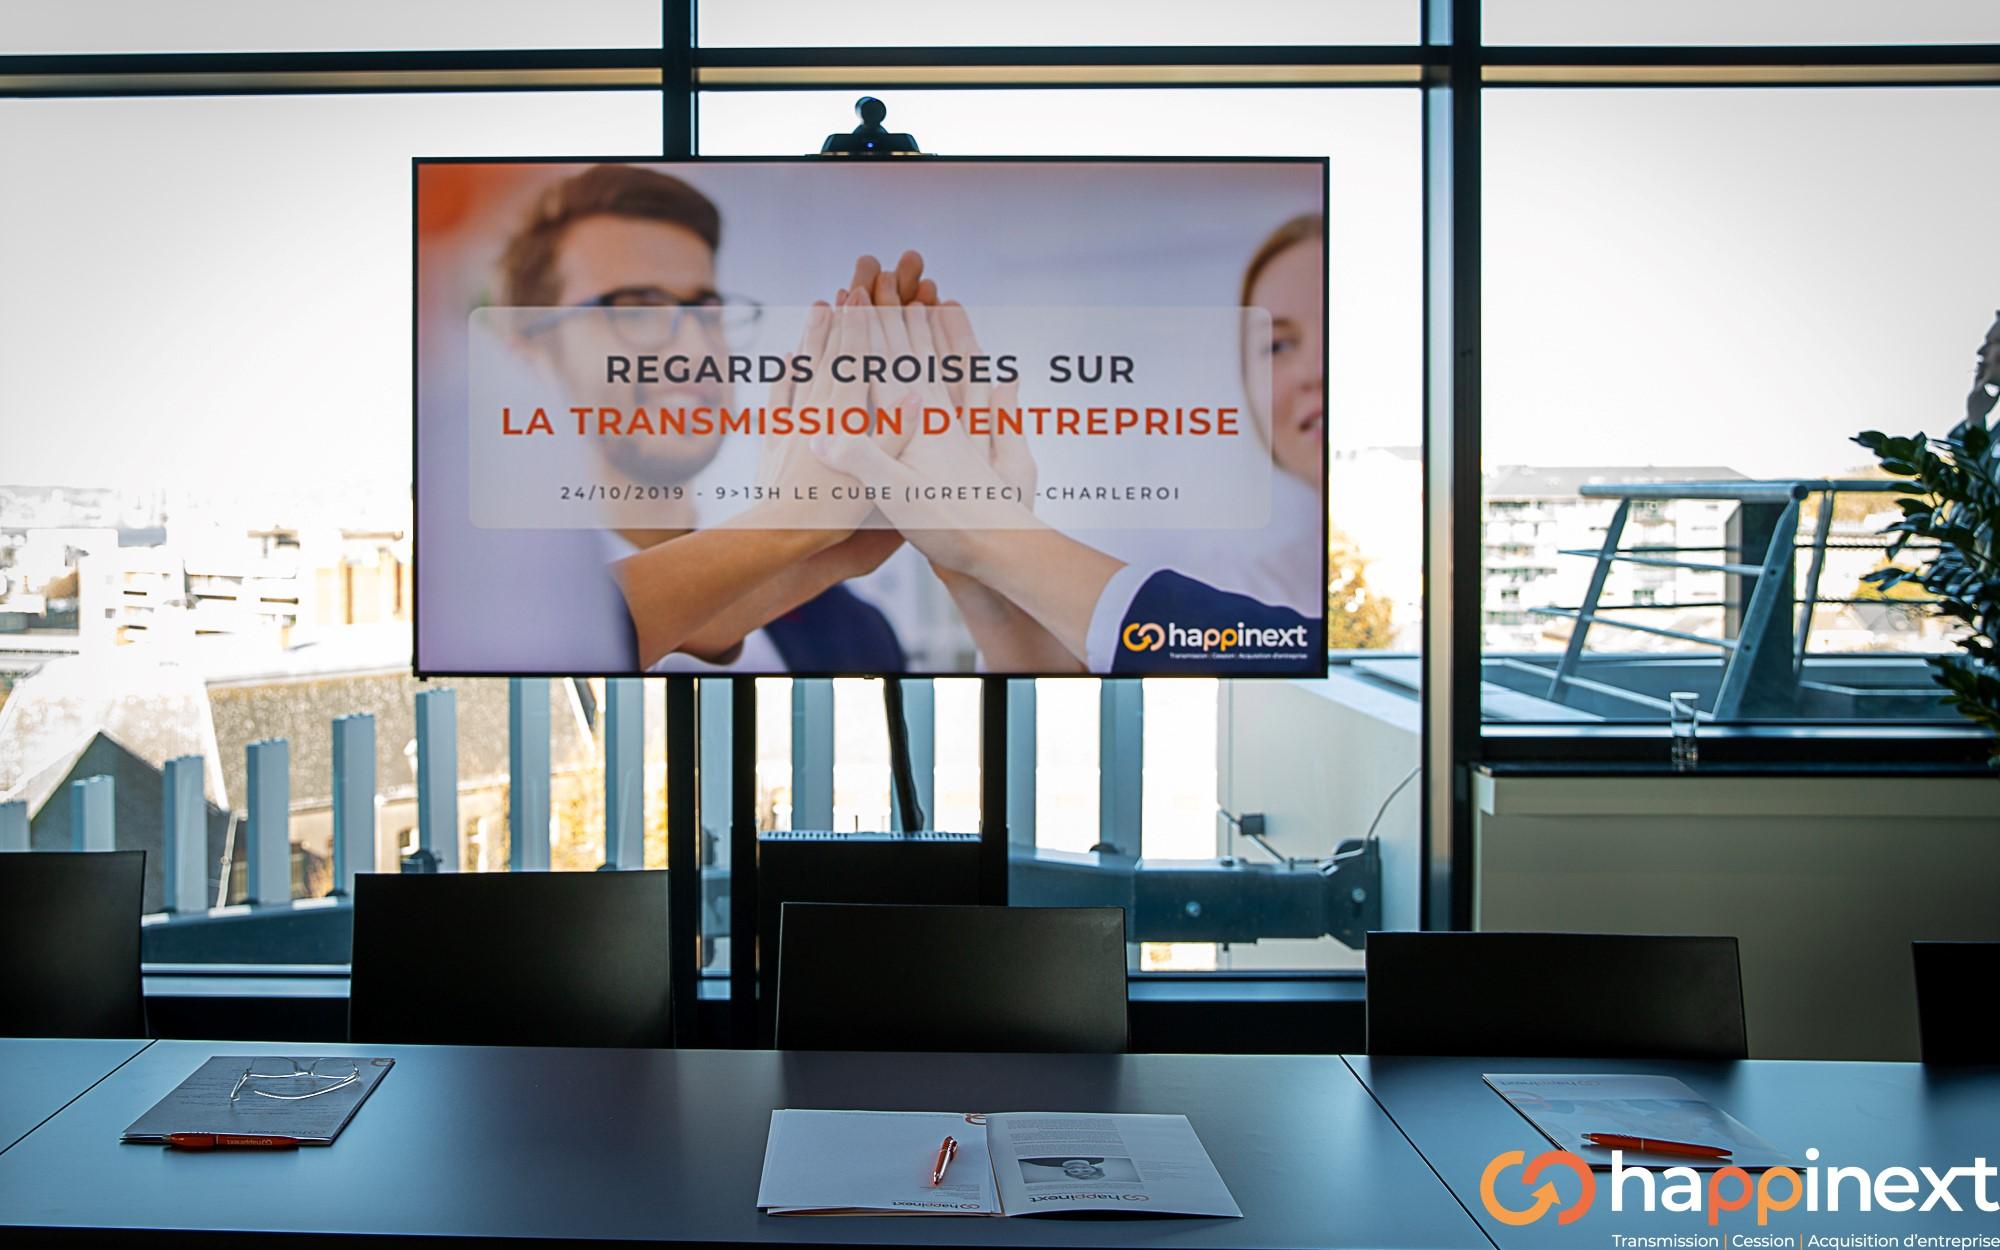 Transmission - Cession - Acquisition d'entreprise Happinext Wallonie